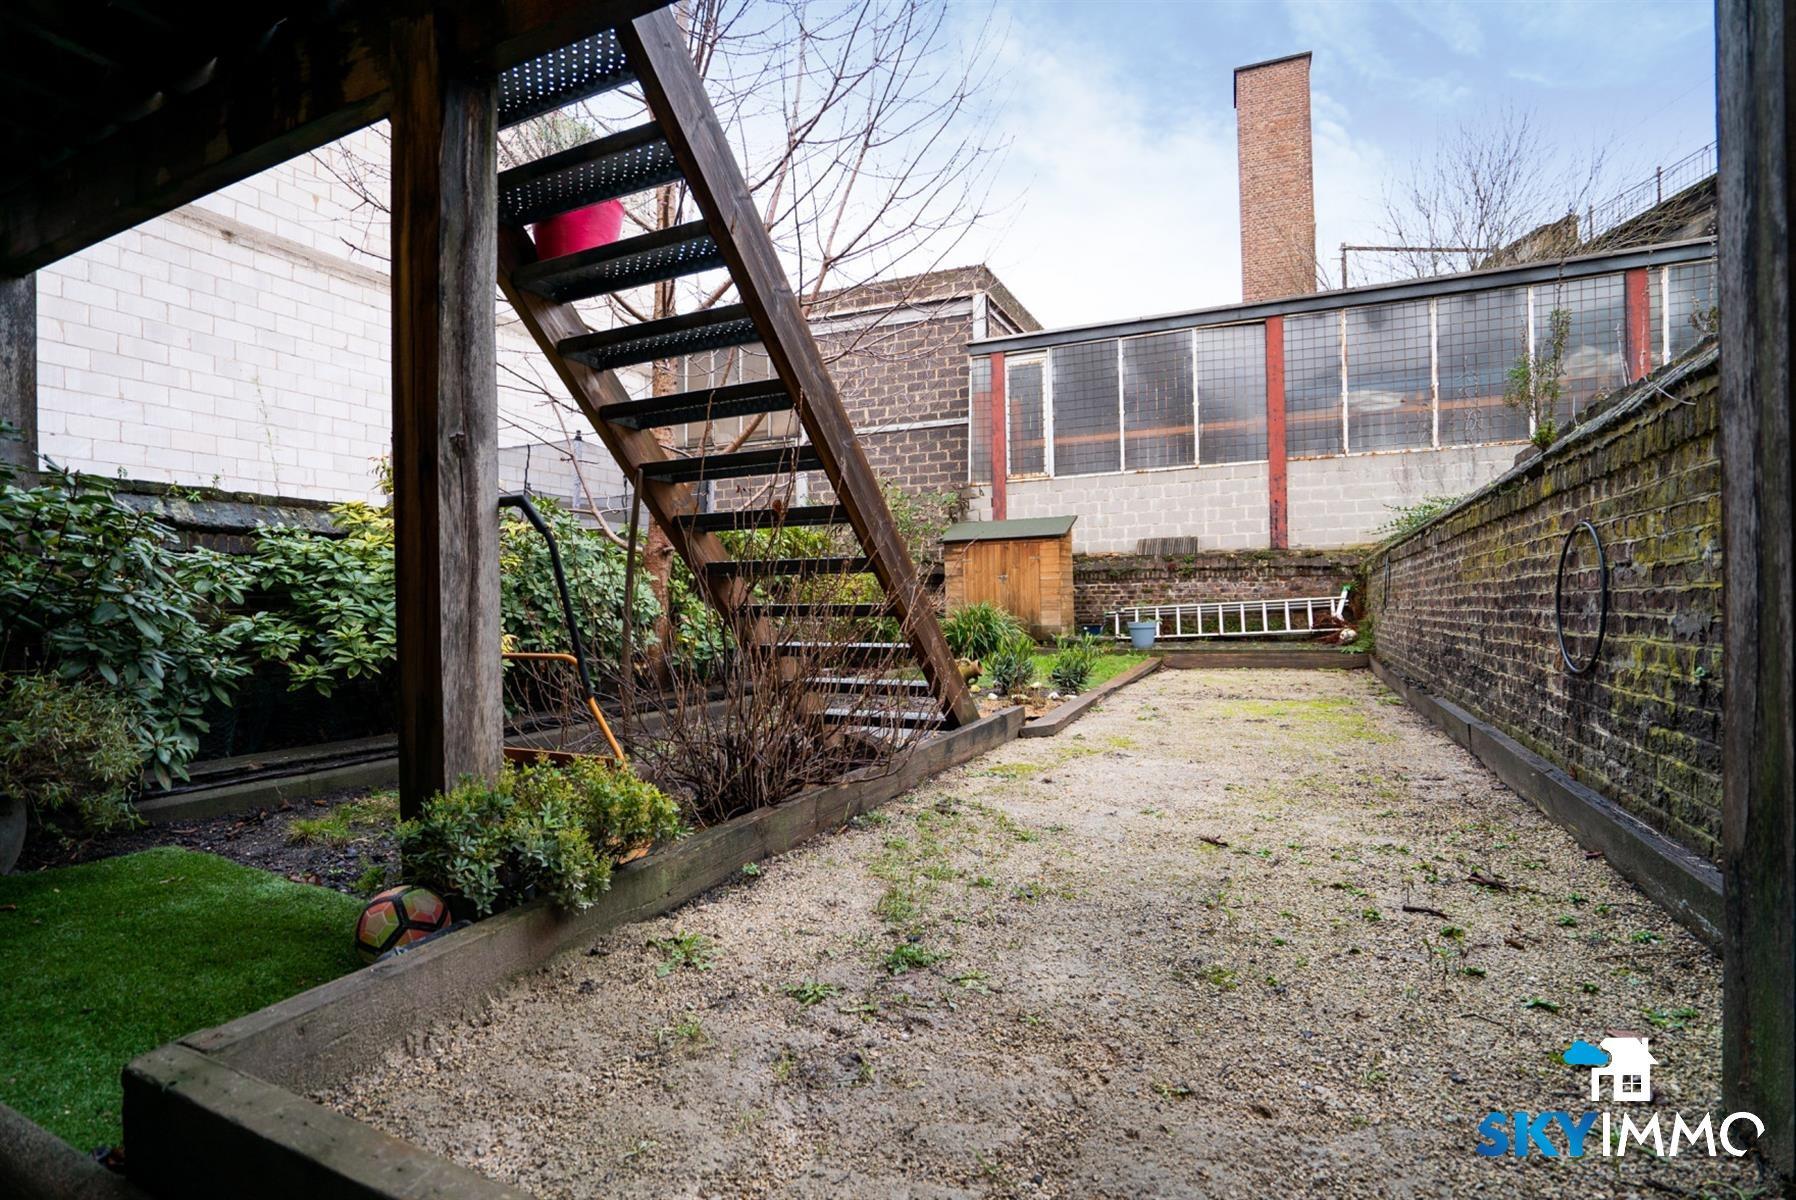 Maison - Liège - #4262984-35